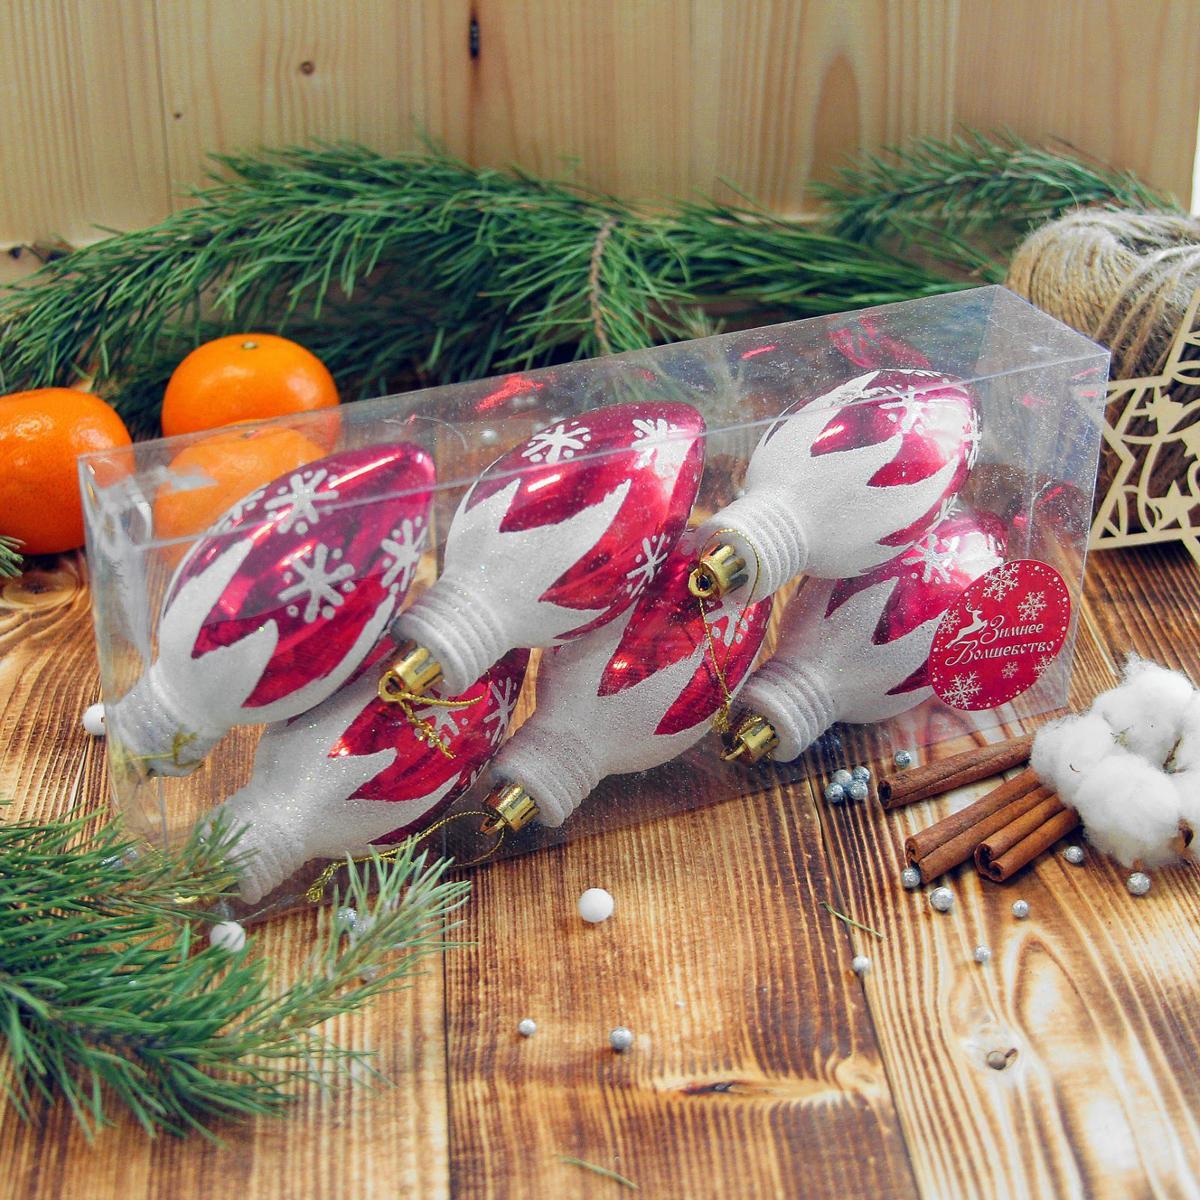 Набор новогодних подвесных украшений Лампочка со снежинками, 5 х 9 см, 6 шт2372122Набор новогодних подвесных украшений отлично подойдет для декорации вашего дома и новогодней ели. С помощью специальной петельки украшение можно повесить в любом понравившемся вам месте. Но, конечно, удачнее всего оно будет смотреться на праздничной елке.Елочная игрушка - символ Нового года. Она несет в себе волшебство и красоту праздника. Такое украшение создаст в вашем доме атмосферу праздника, веселья и радости.